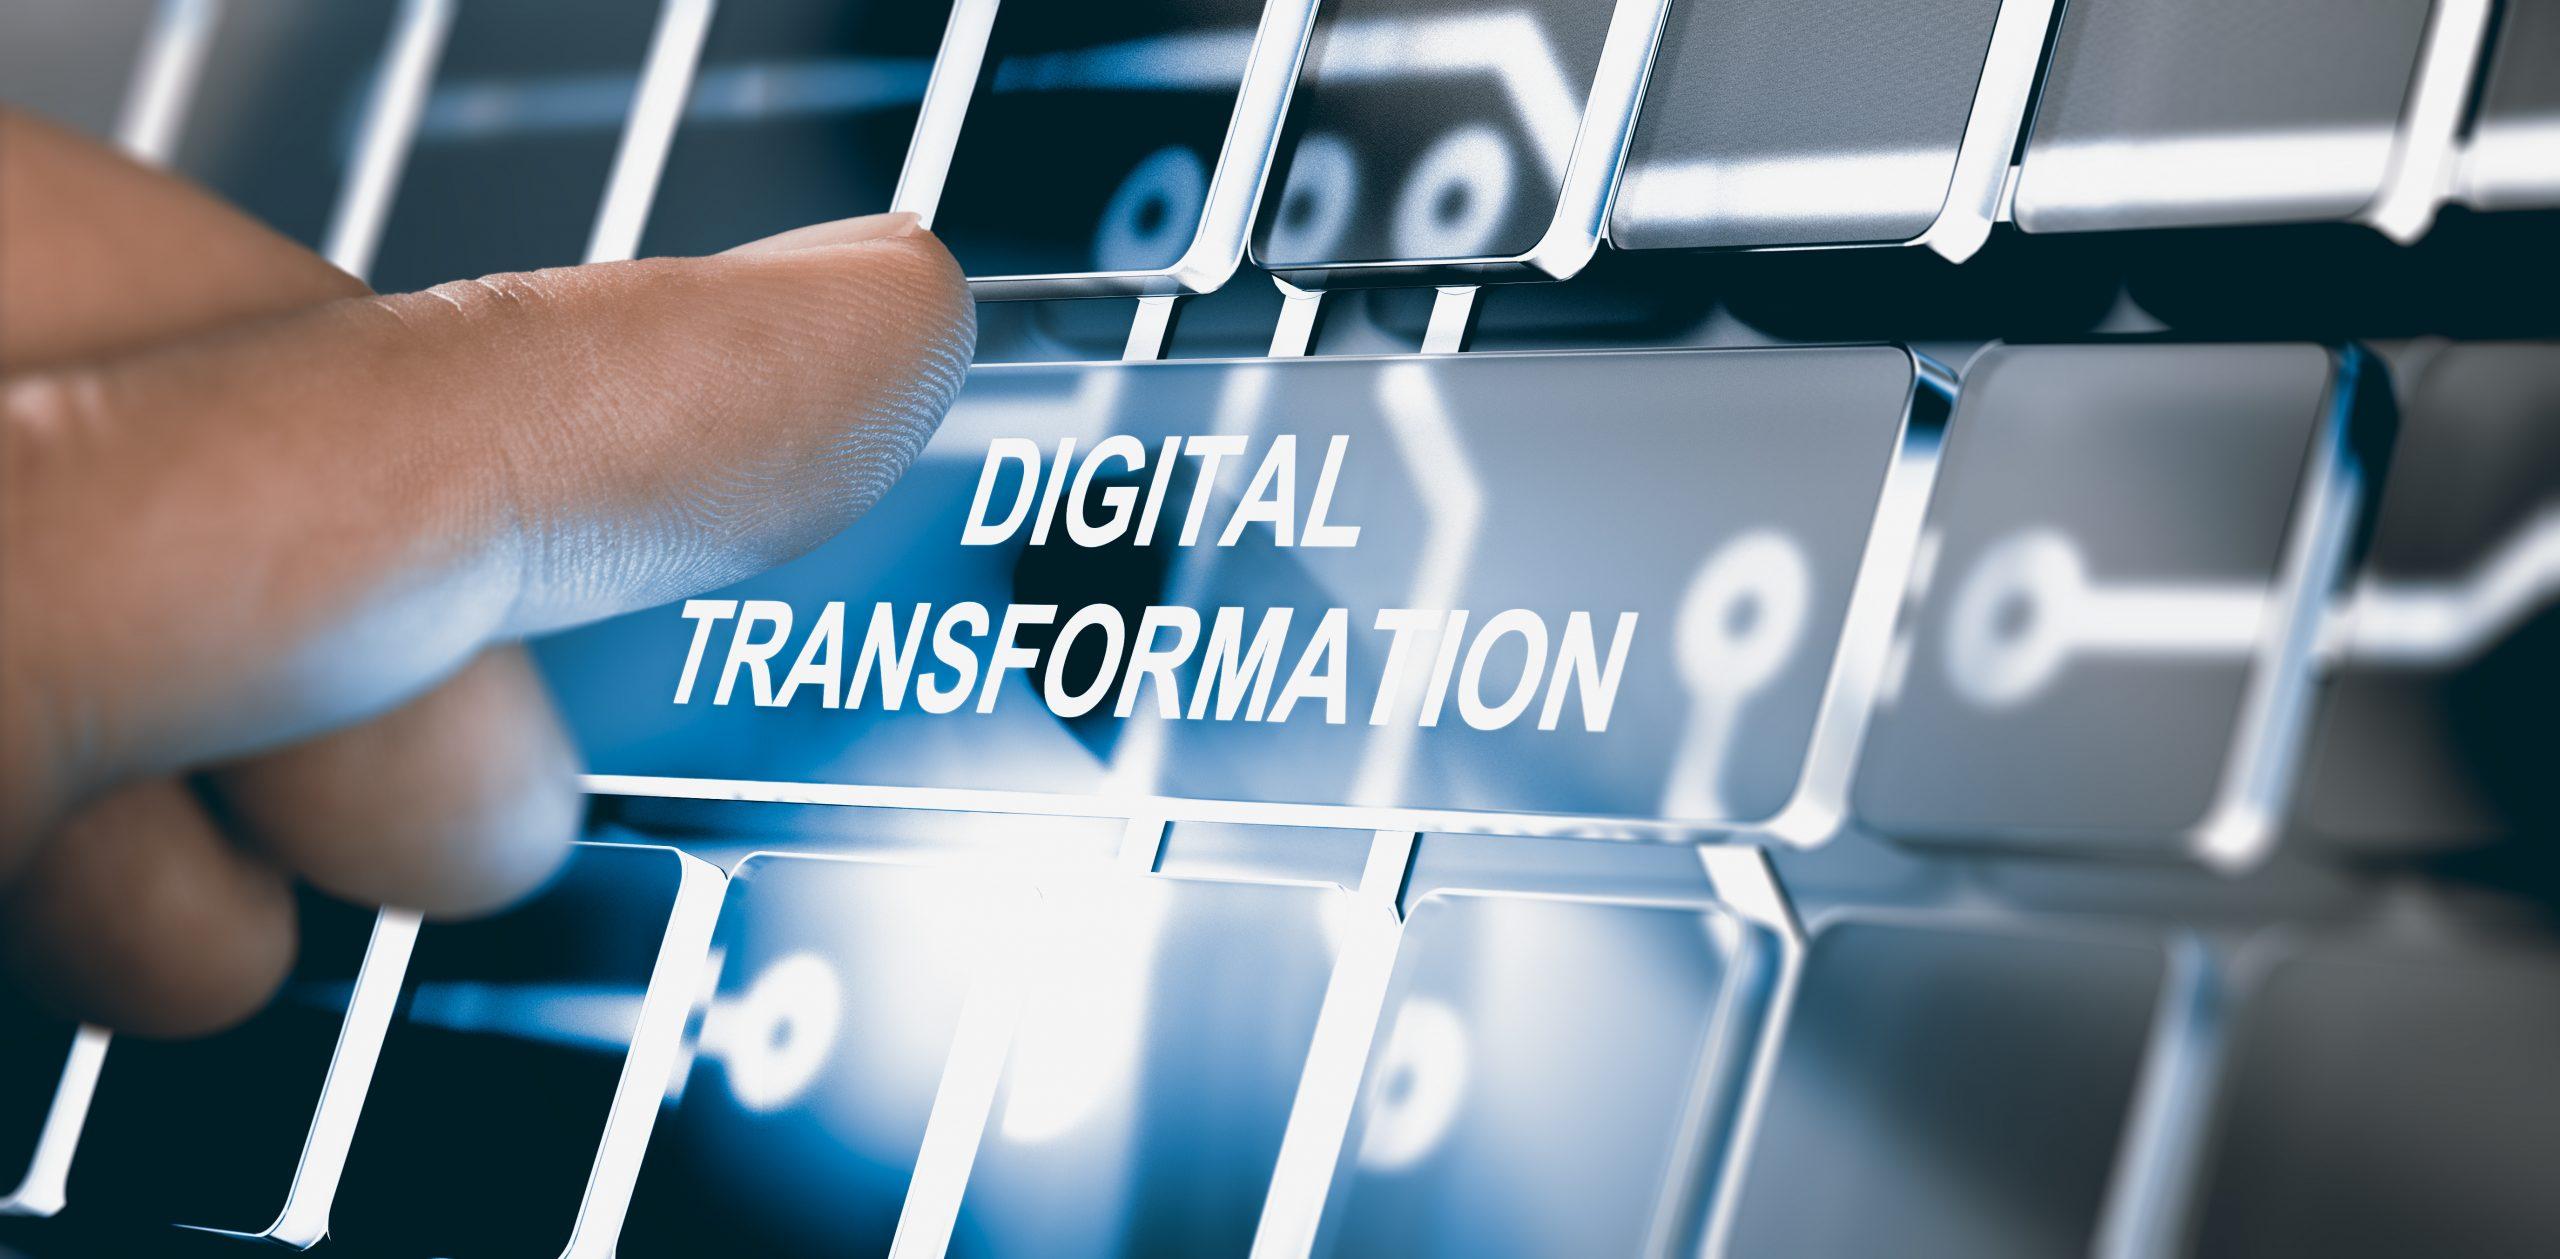 Transformarea digitală în resurse umane și salarizare: beneficii și provocări